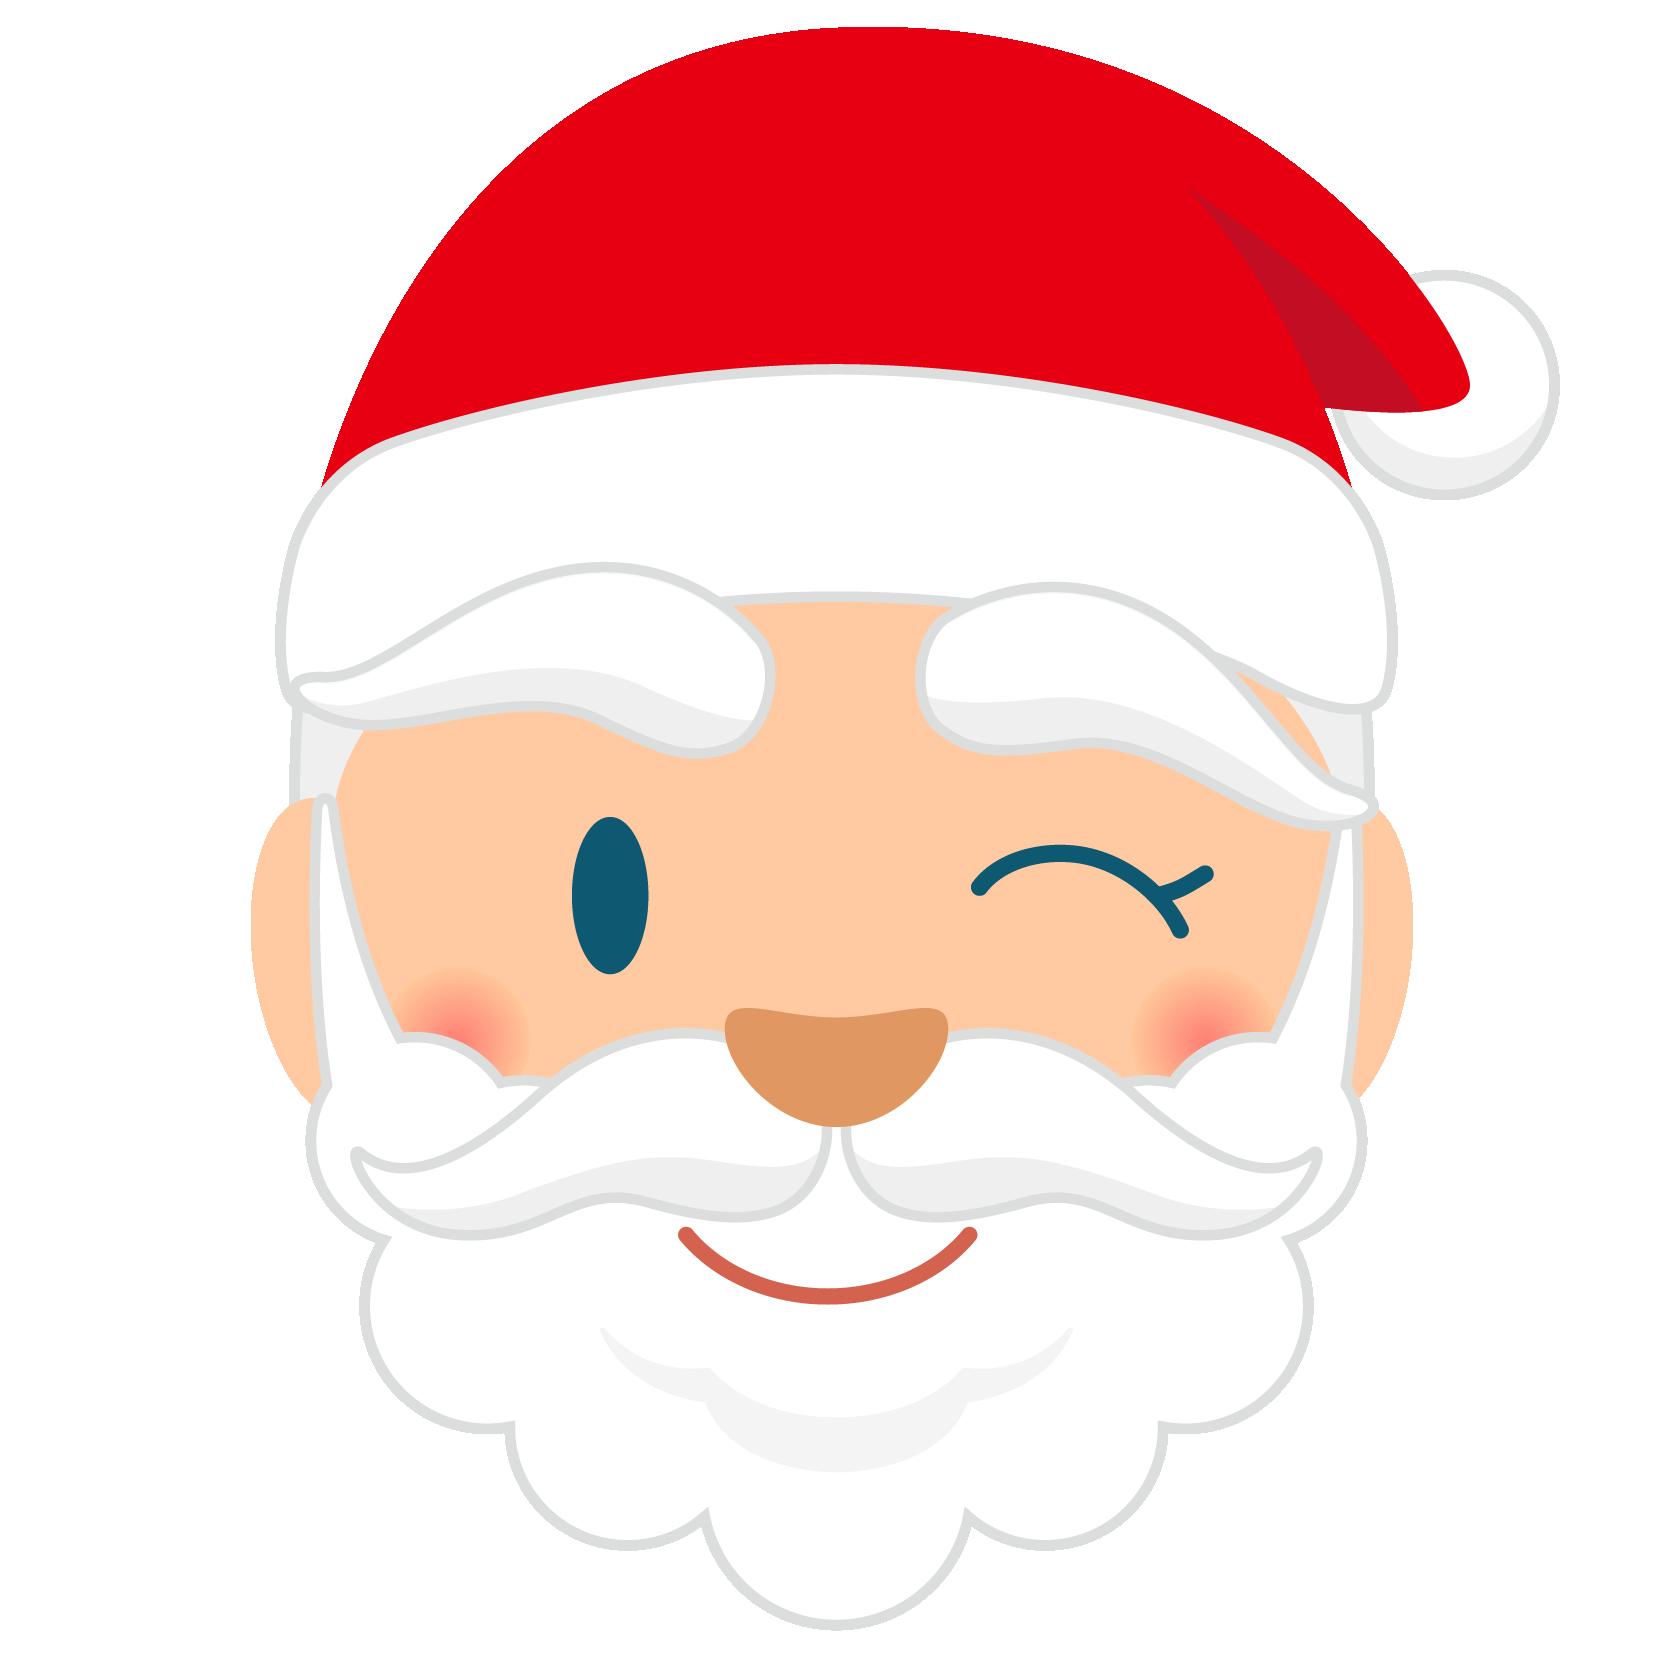 商用フリー・無料イラスト_クリスマス_サンタクロース_顔_ウインク